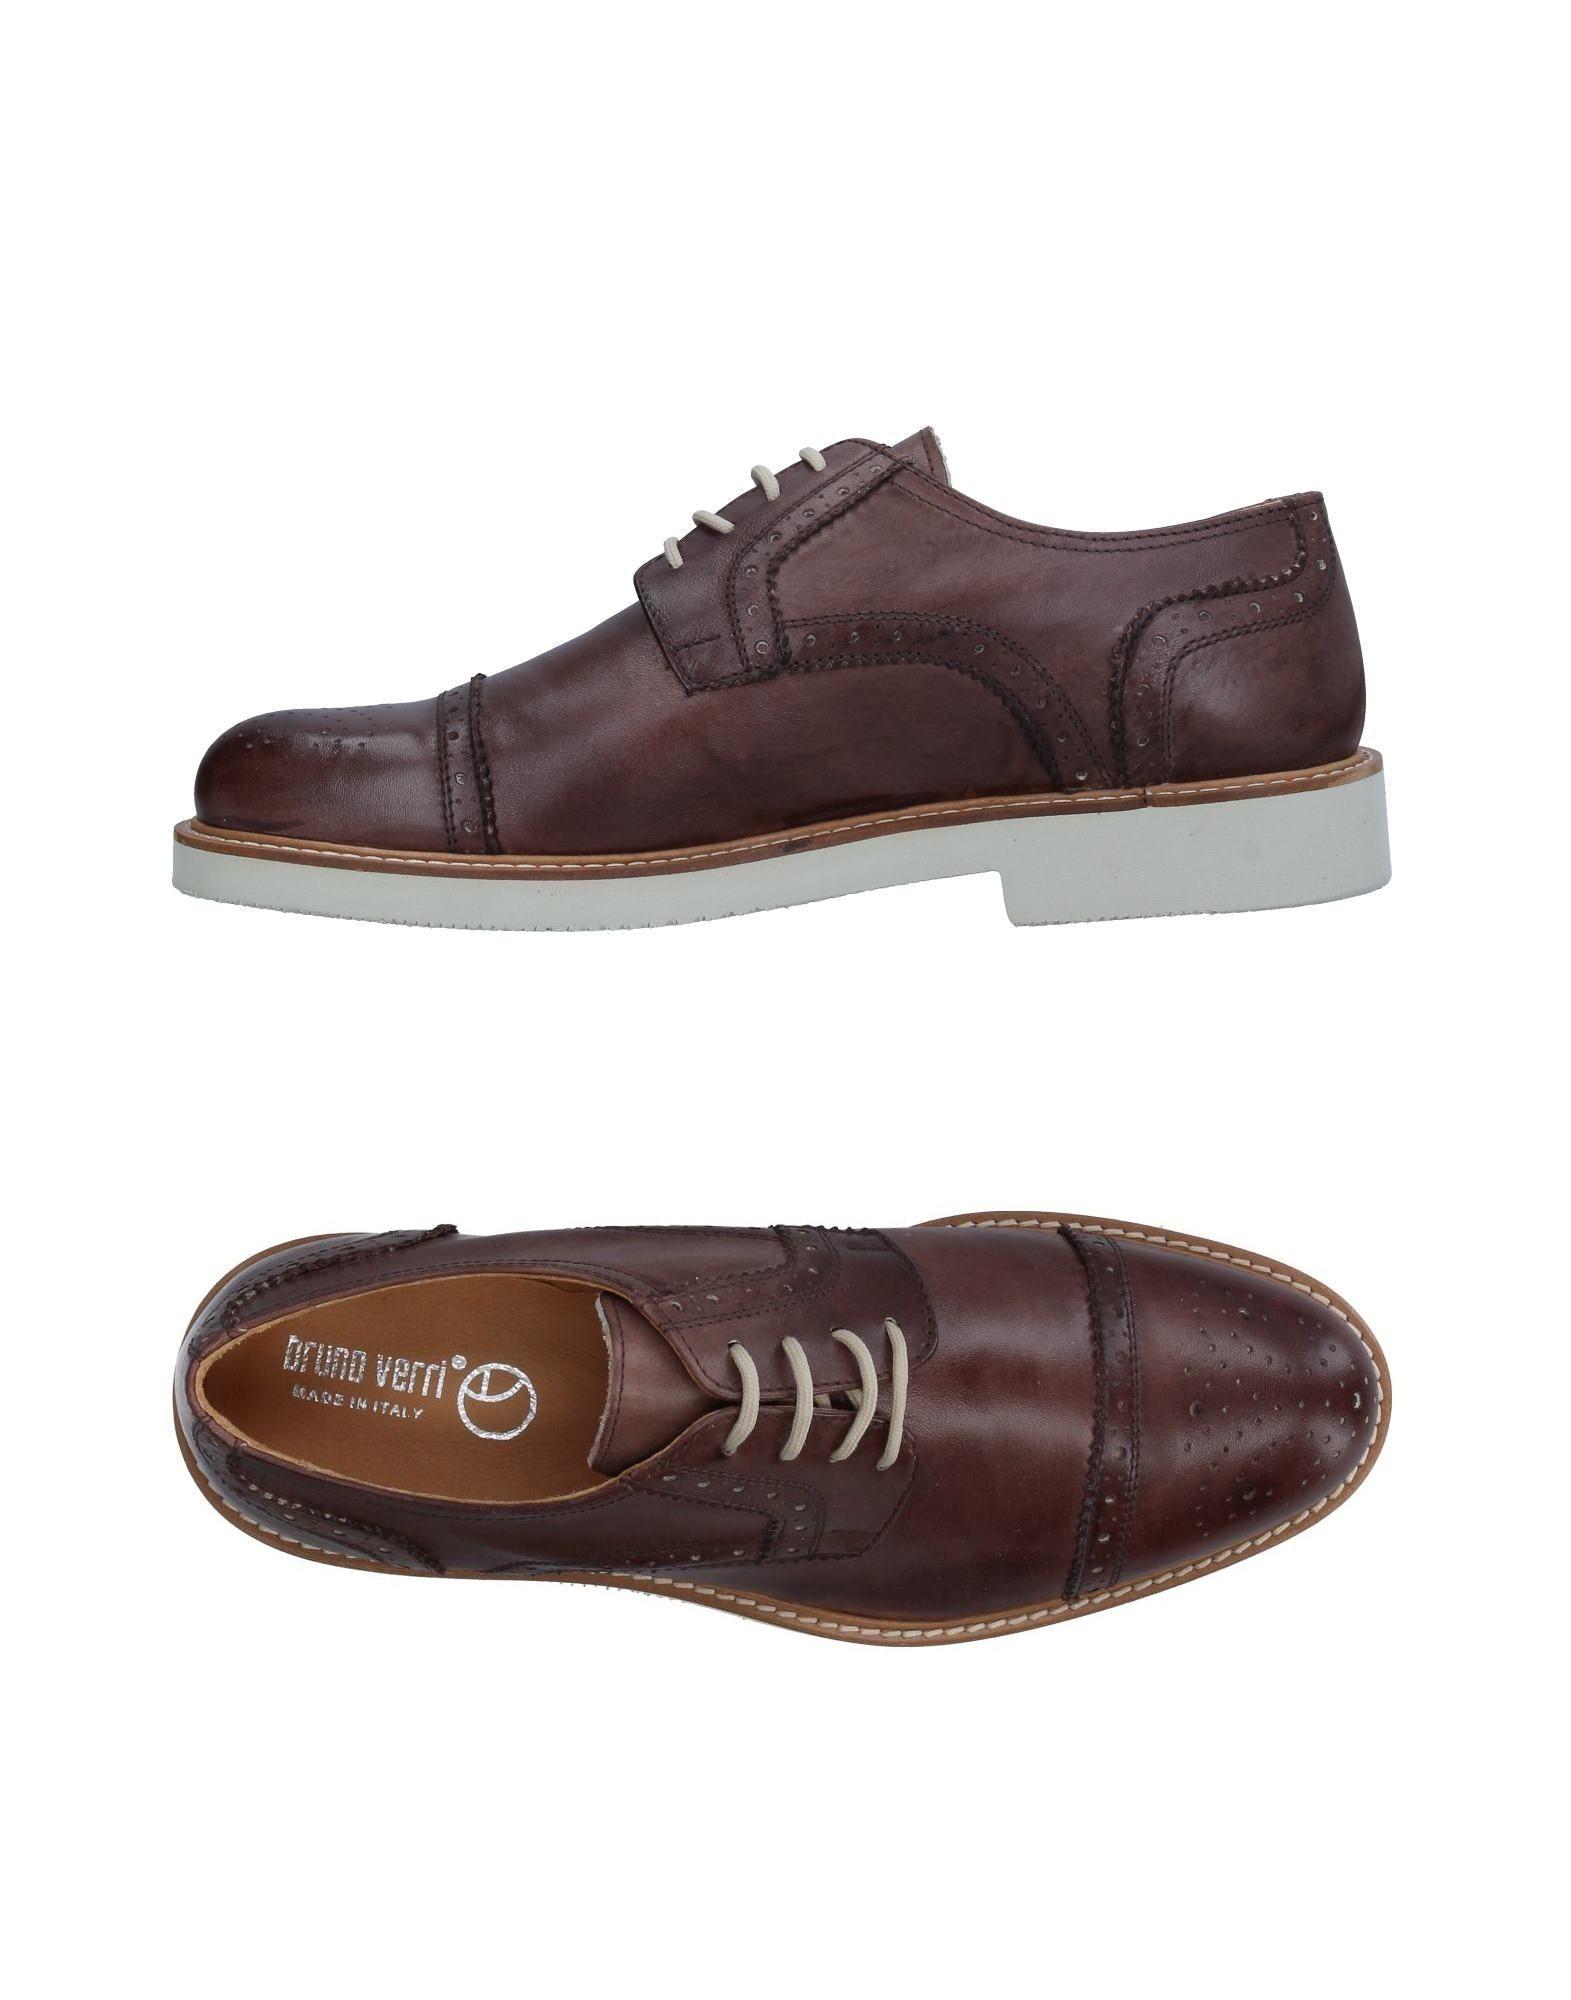 Café Zapato De Cordones Bruno Verri Hombre - Zapatos Zapatos Zapatos De Cordones Bruno Verri Los últimos zapatos de descuento para  hombres  y mujeres 6f852e